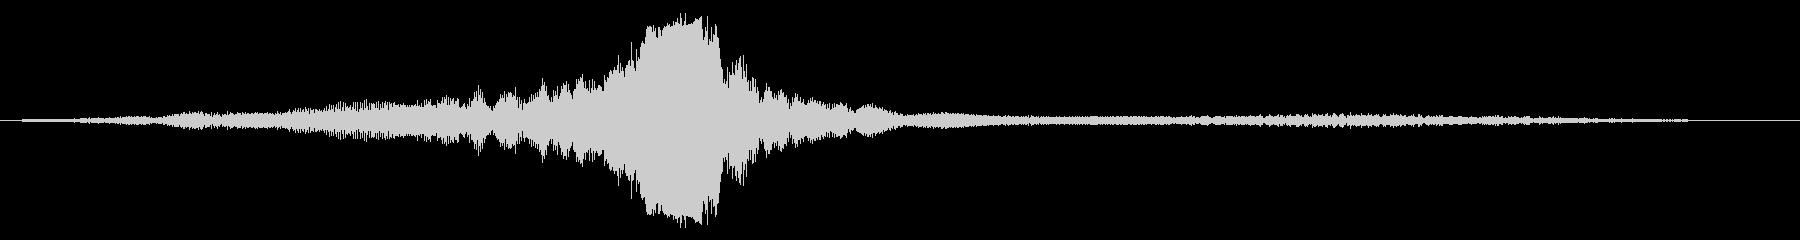 両生類のツインプロップ飛行機:内線...の未再生の波形